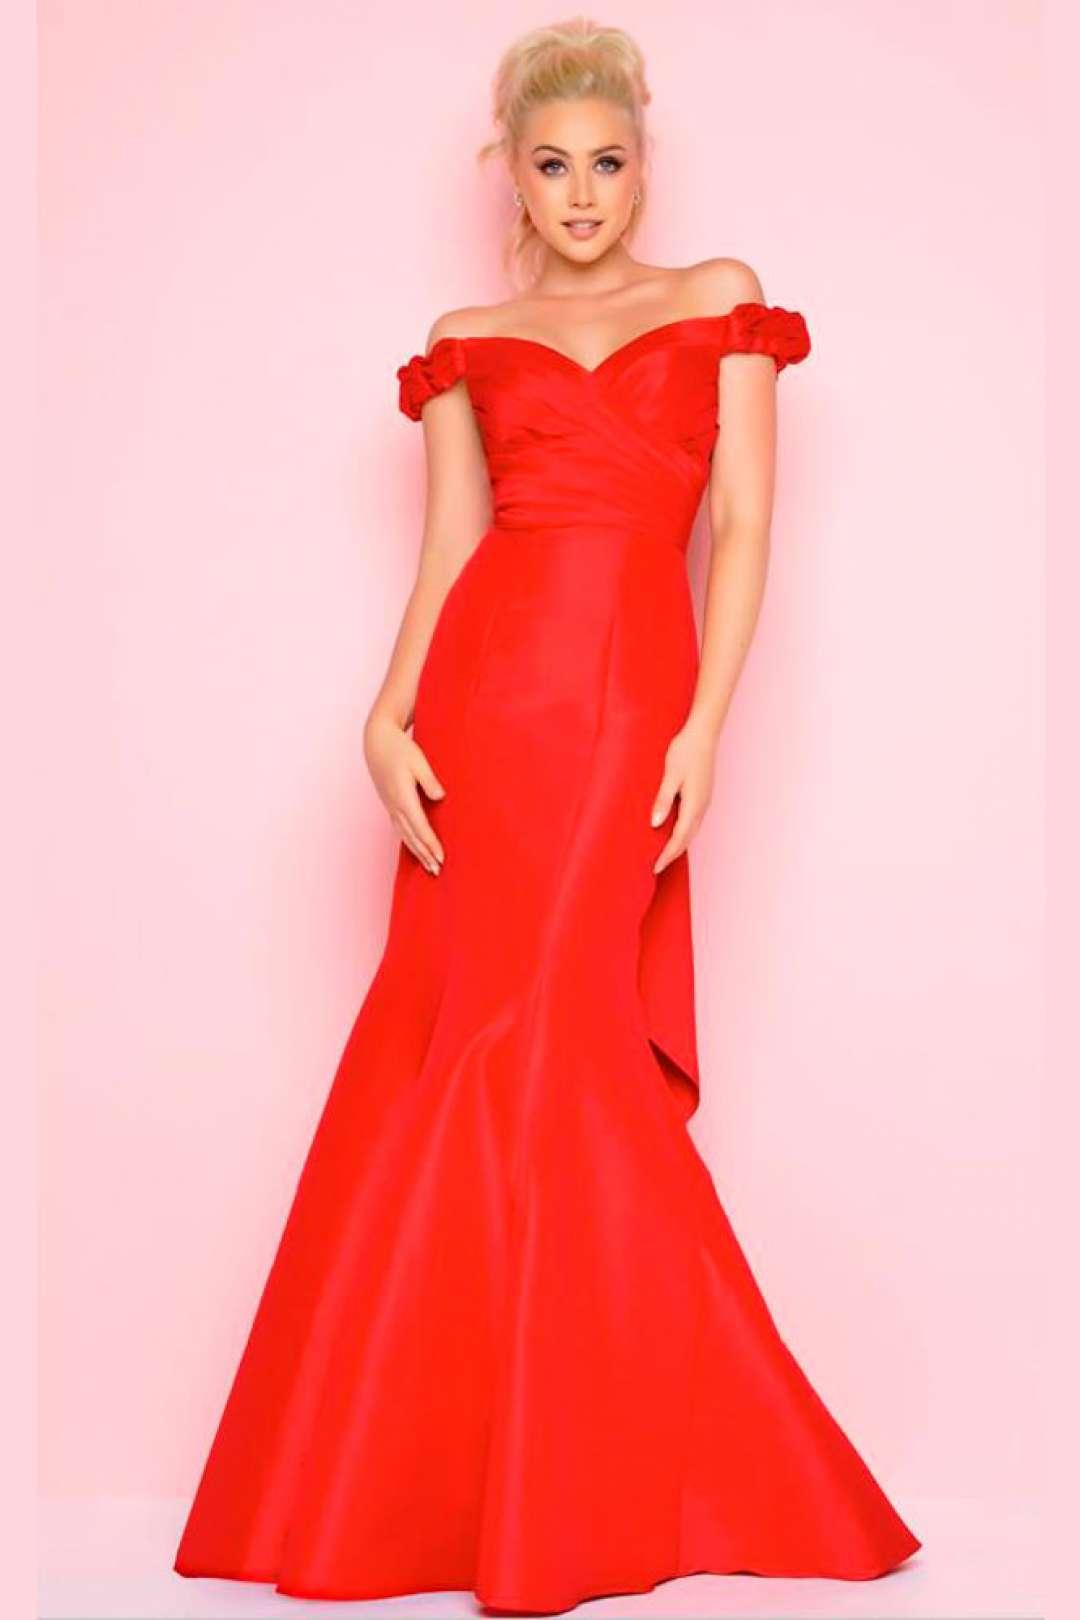 Contemporáneo Vestido De Fiesta Rojo La Femme Molde - Ideas de ...